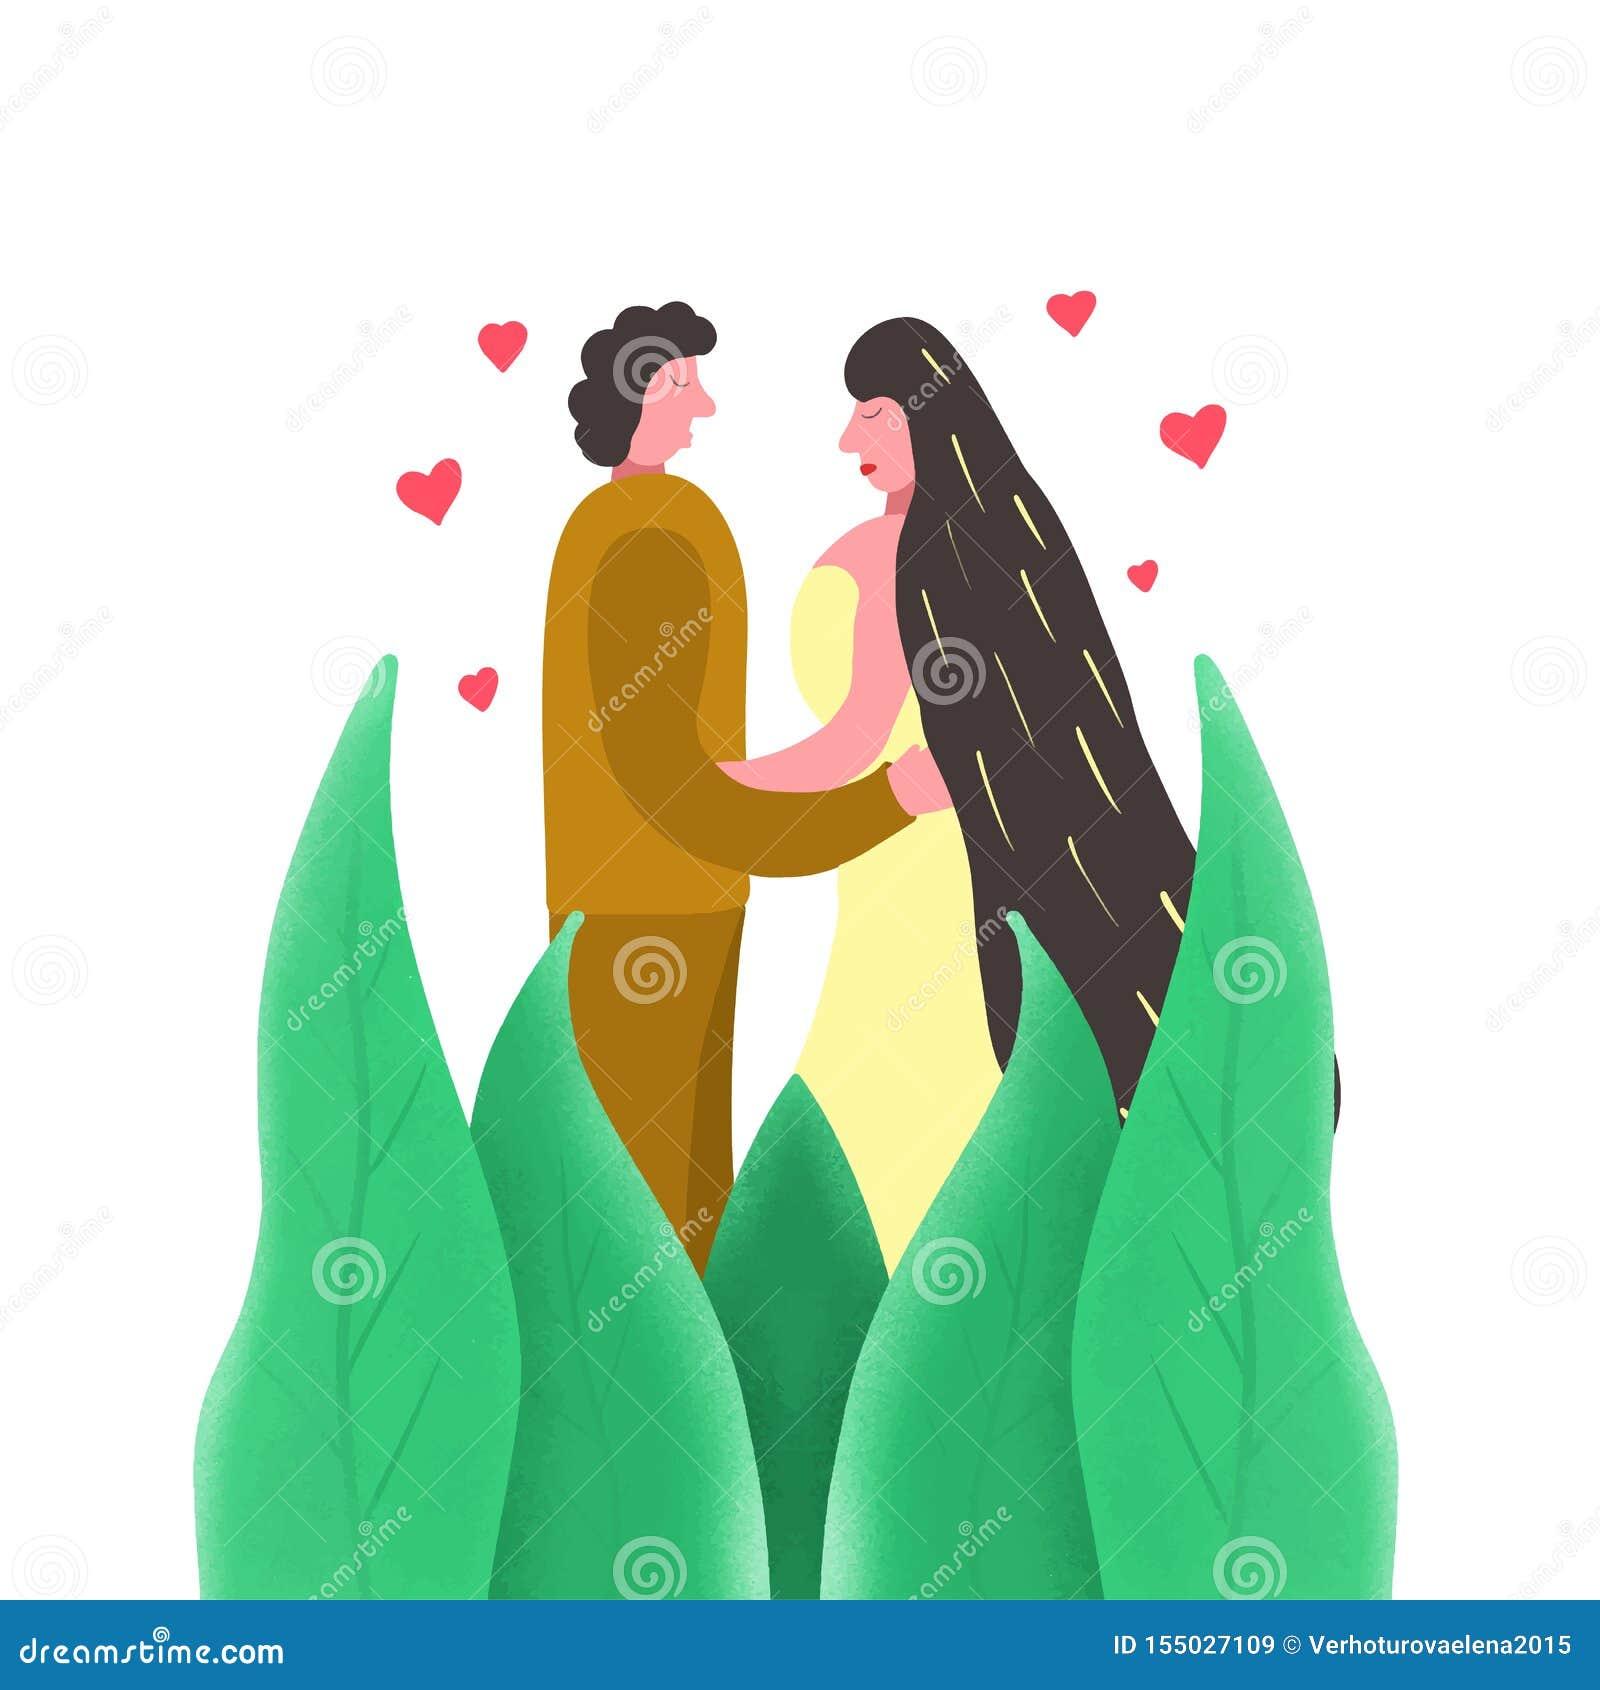 Fondo blanco de moda de la pareja de matrimonios, gran diseño para cualquier propósitos Ejemplo creativo Recienes casados jovenes